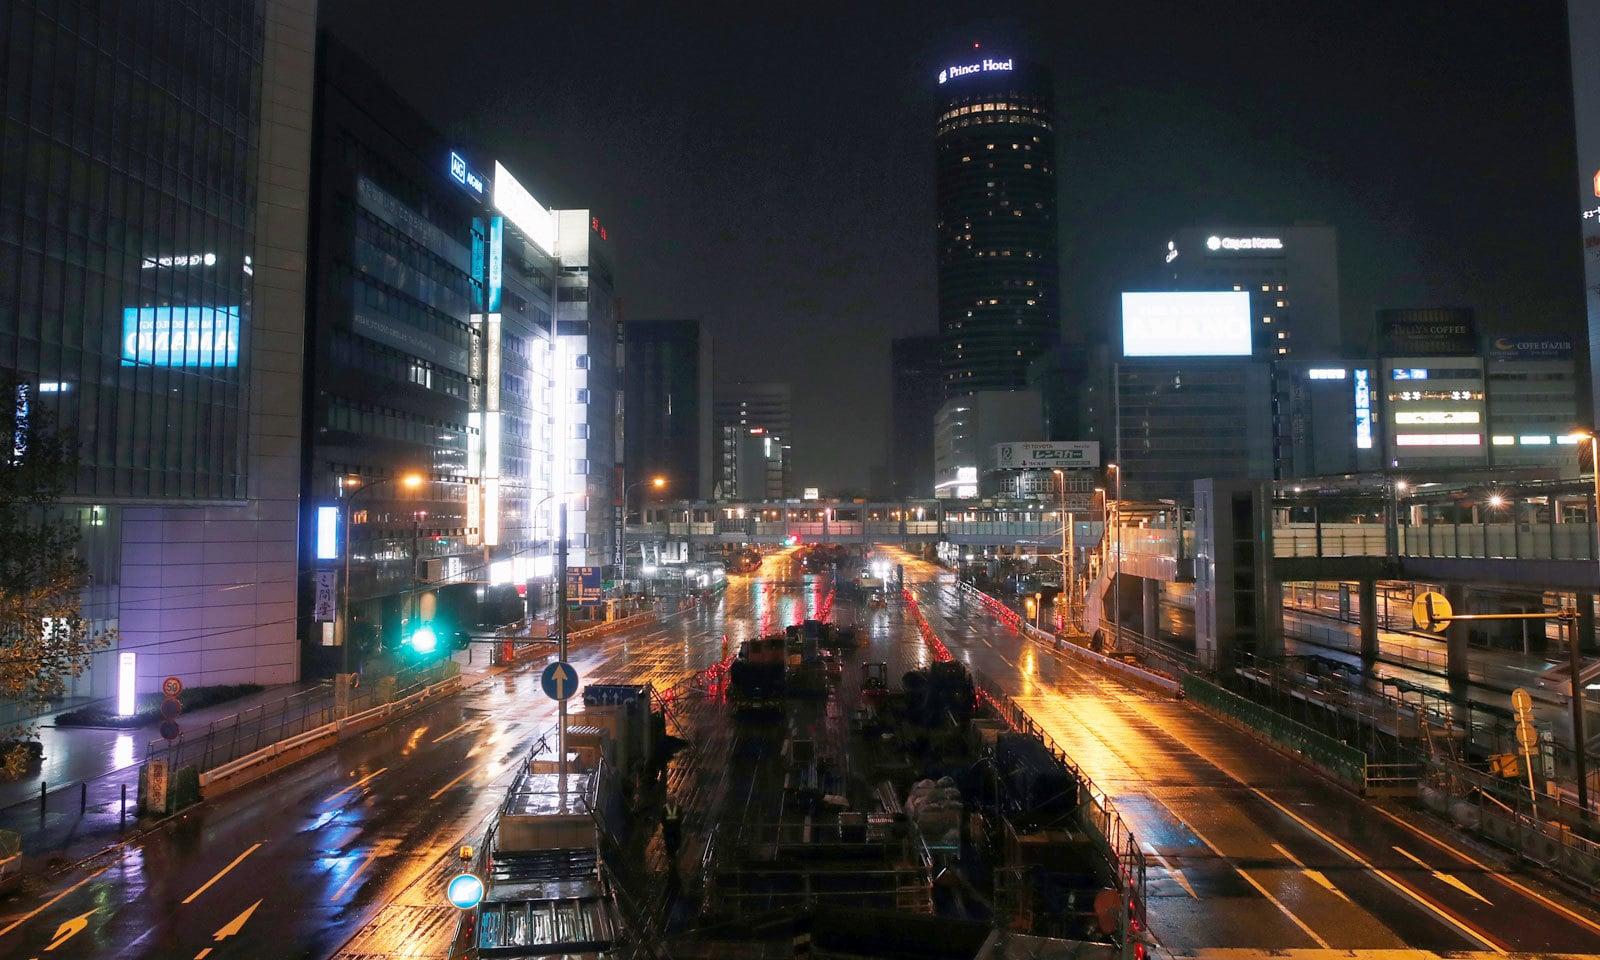 یوکوہاما سے طاقتور طورفان کے ٹکرانے کے بعد شہر کی سڑکیں سنسان نظر آرہی ہیں — فوٹو: رائٹرز